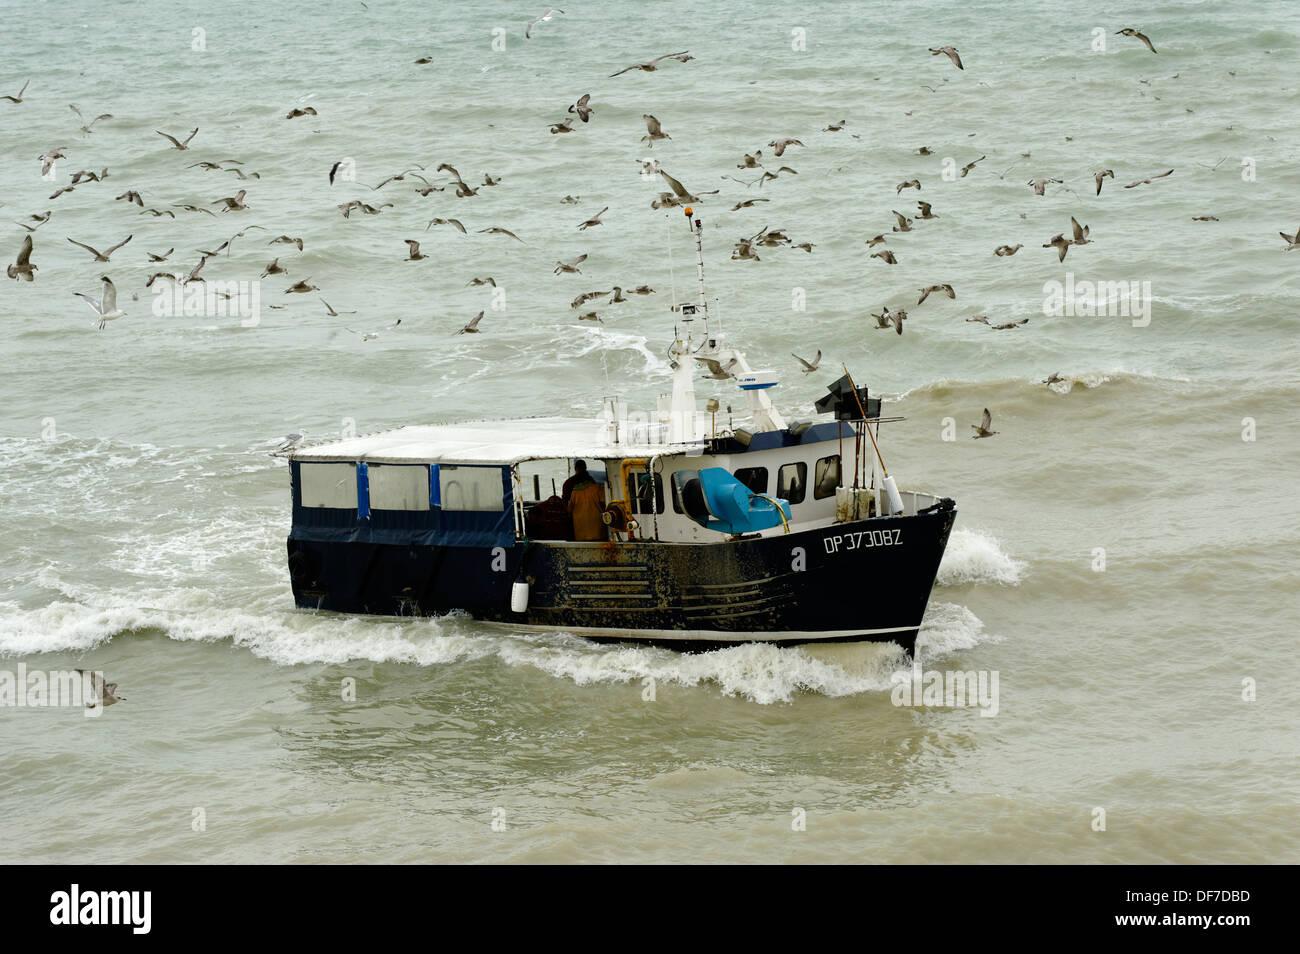 Möwen Schwärmen um ein Fischerboot, Le Tréport, Département Seine-Maritime, Haute-Normandie, Frankreich Stockbild